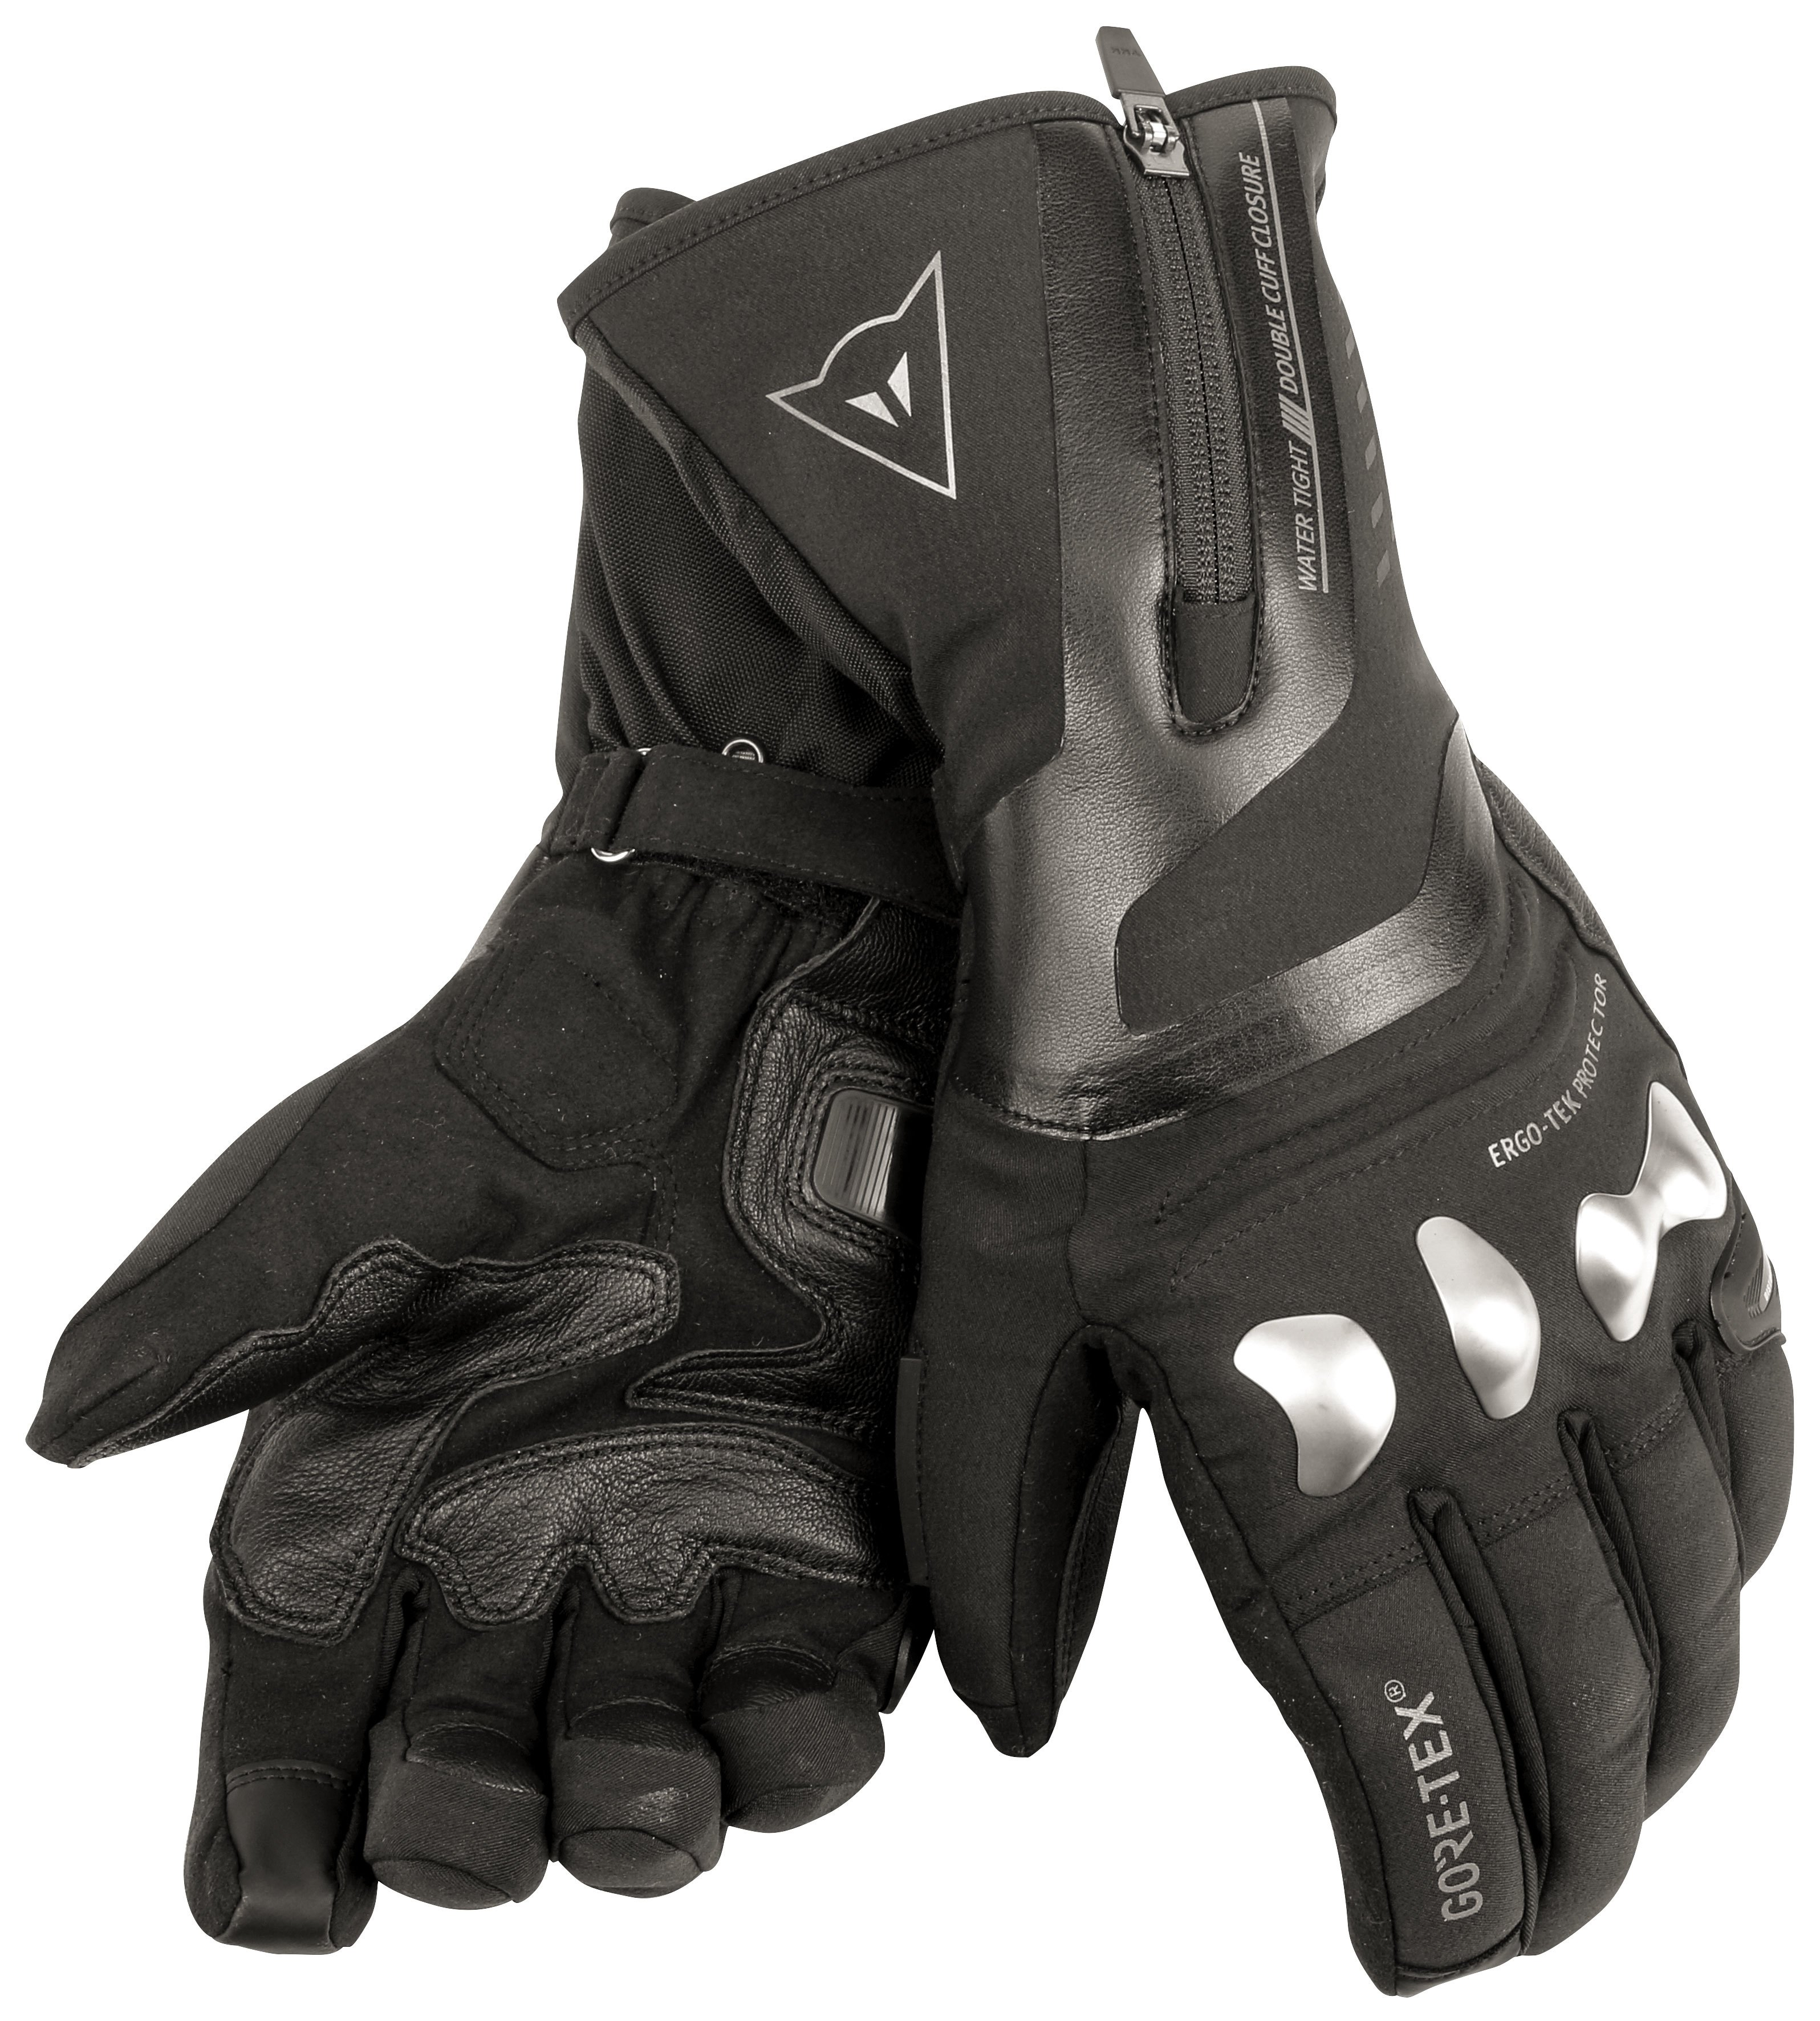 Dainese X-Travel GTX Gloves